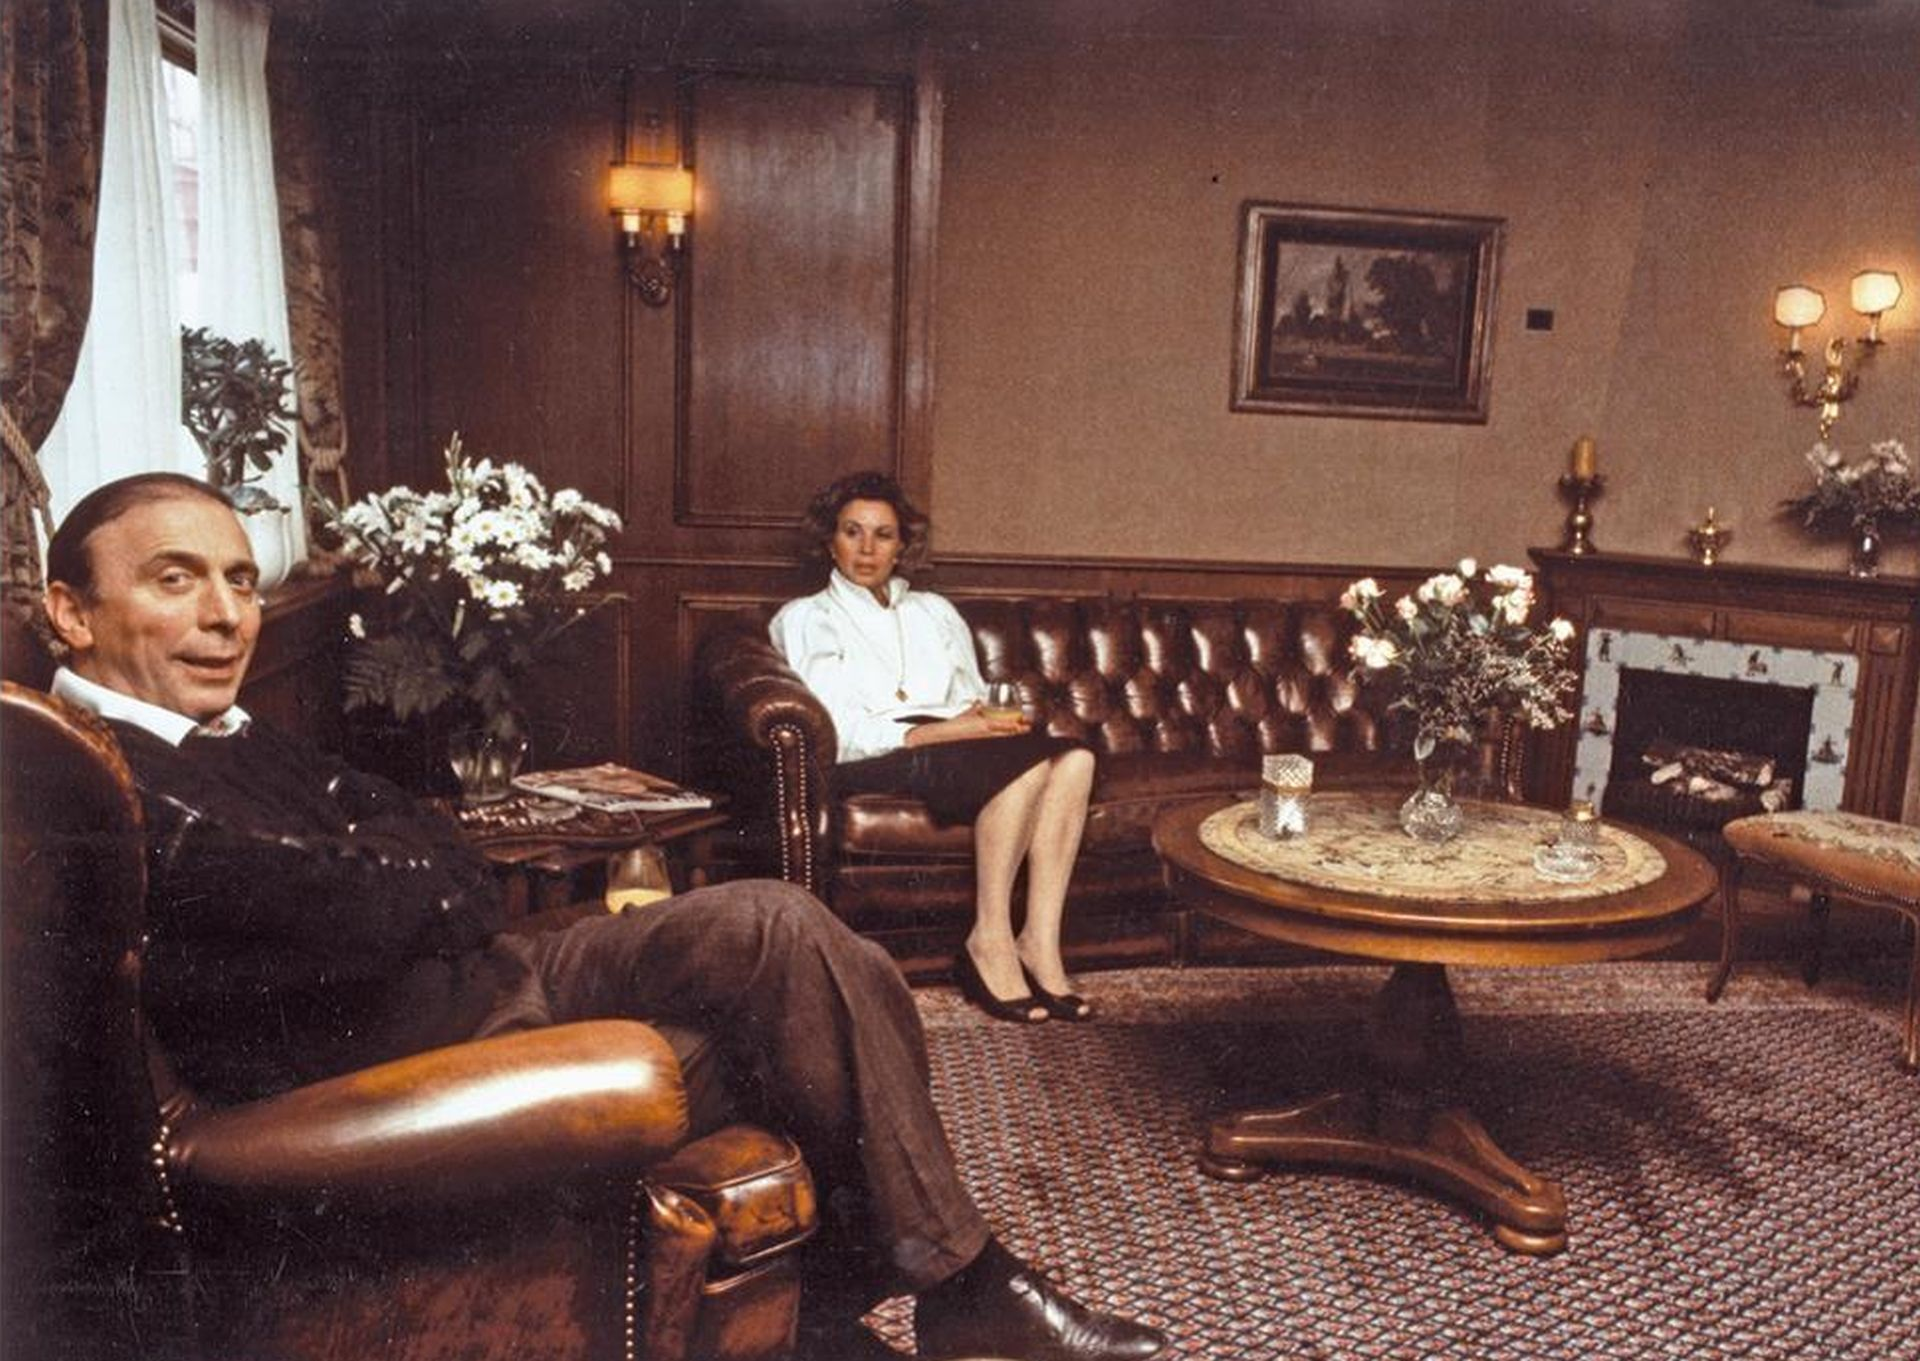 Gemütliches Wohnzimmer im Wohnwagen, 1985.jpg